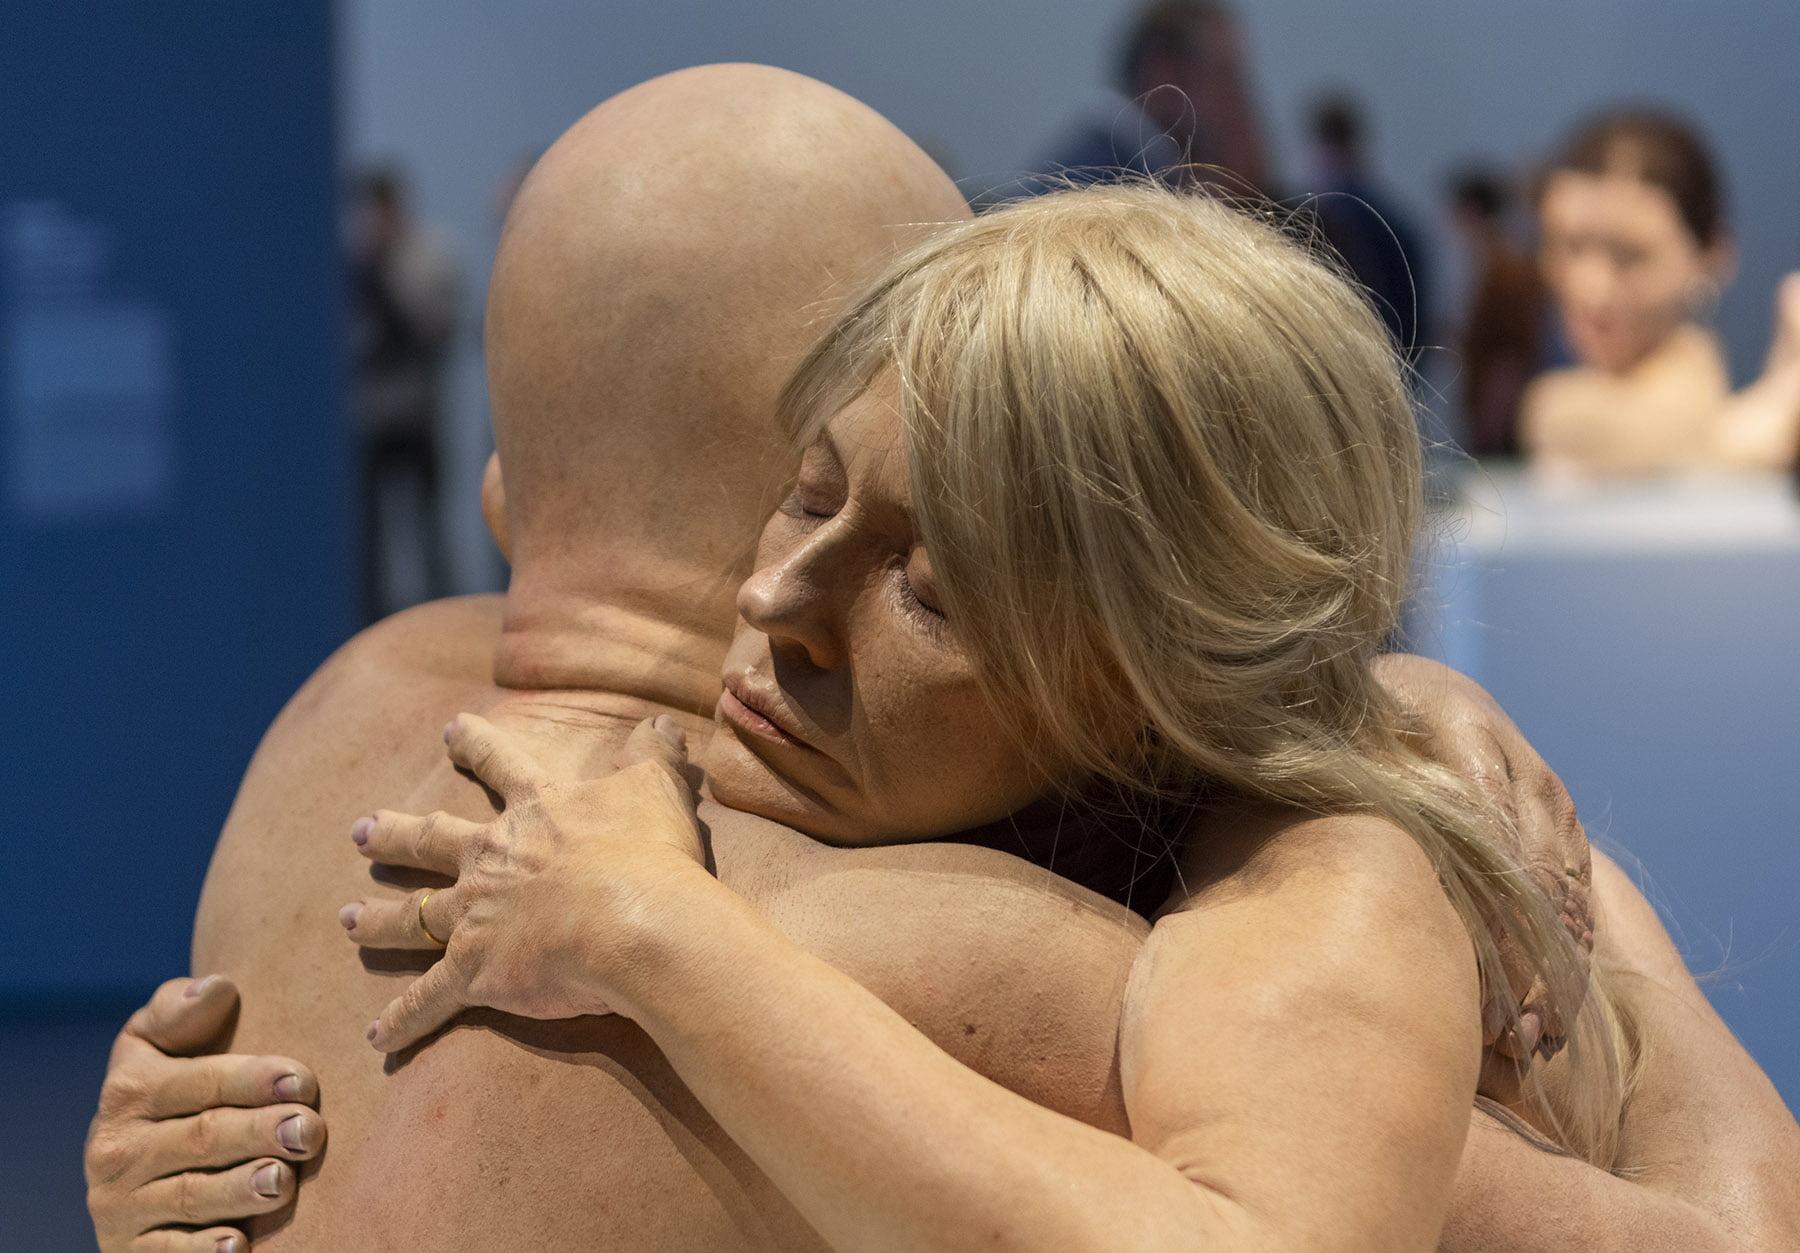 Marc Sijan - Embrace, Kunsthal, Hyperrealism Sculpture